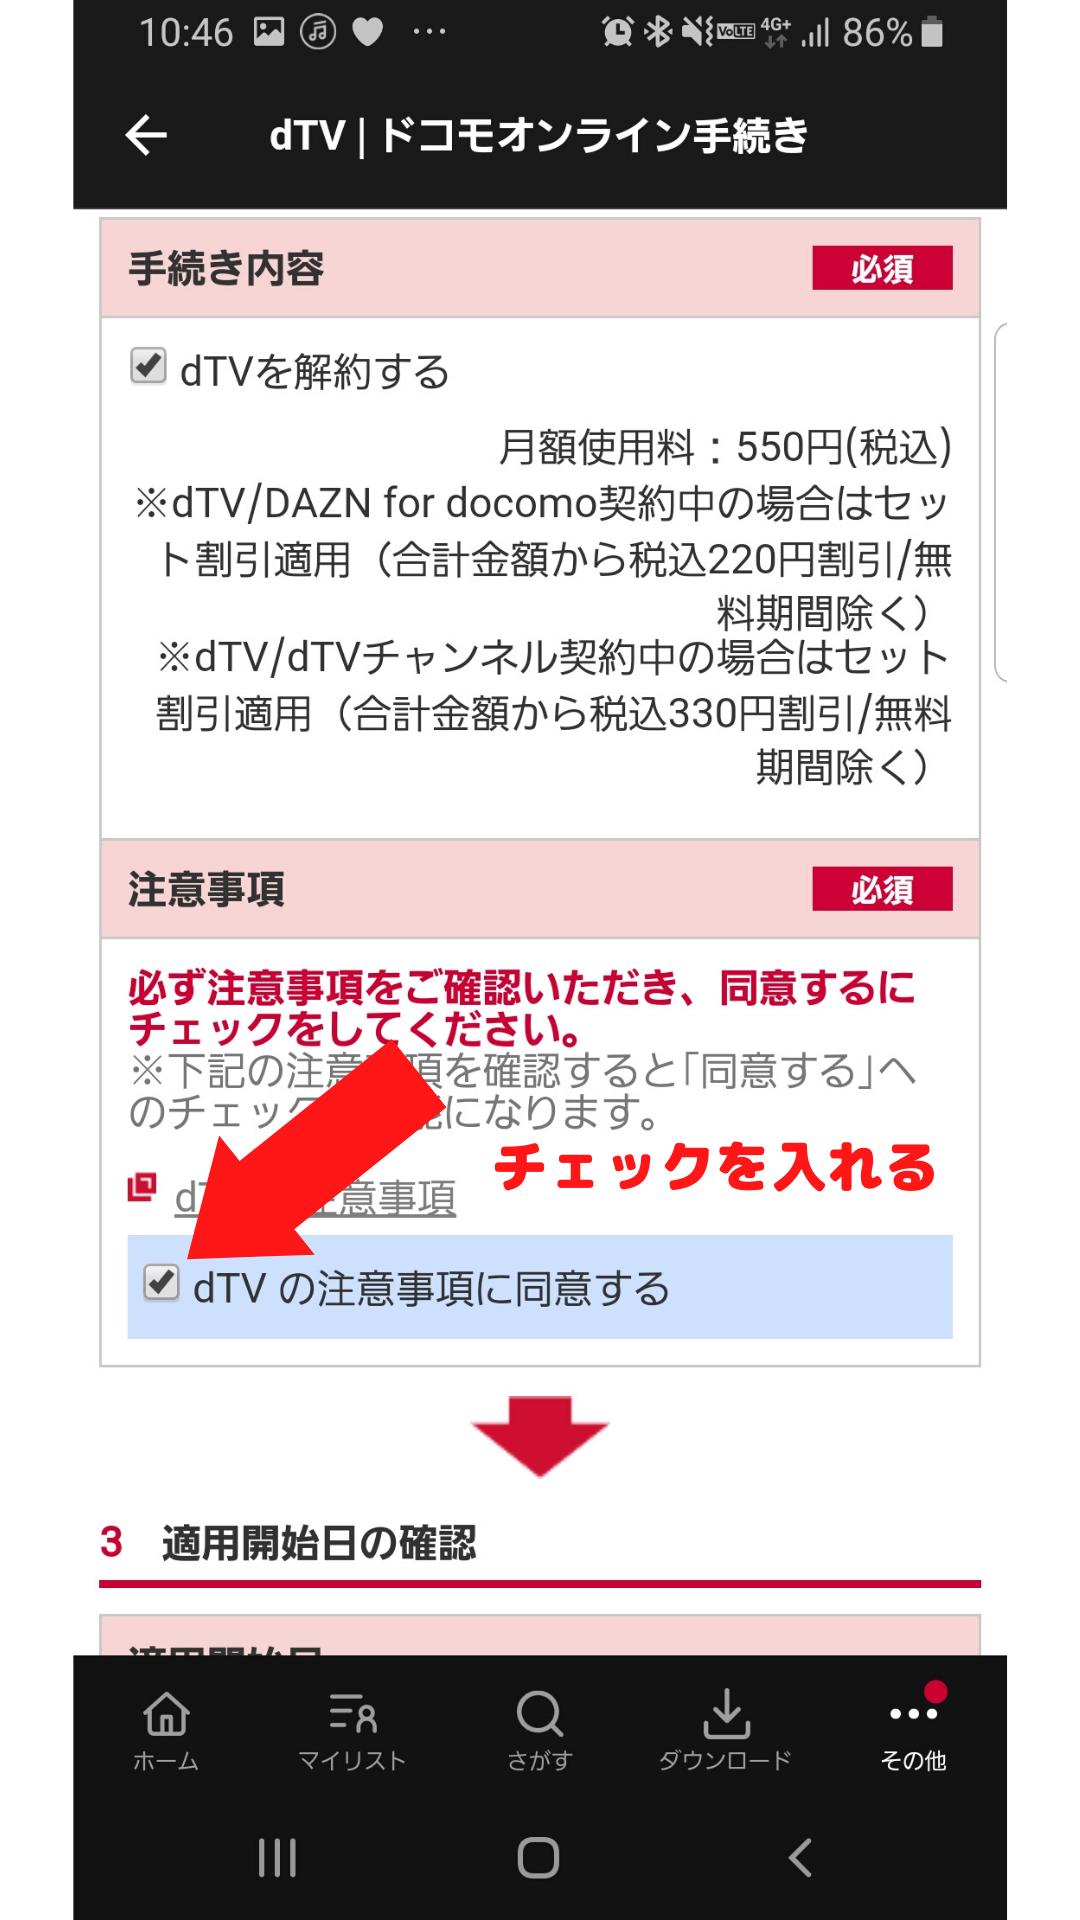 dTVの注意事項に同意するにチェックを入れる